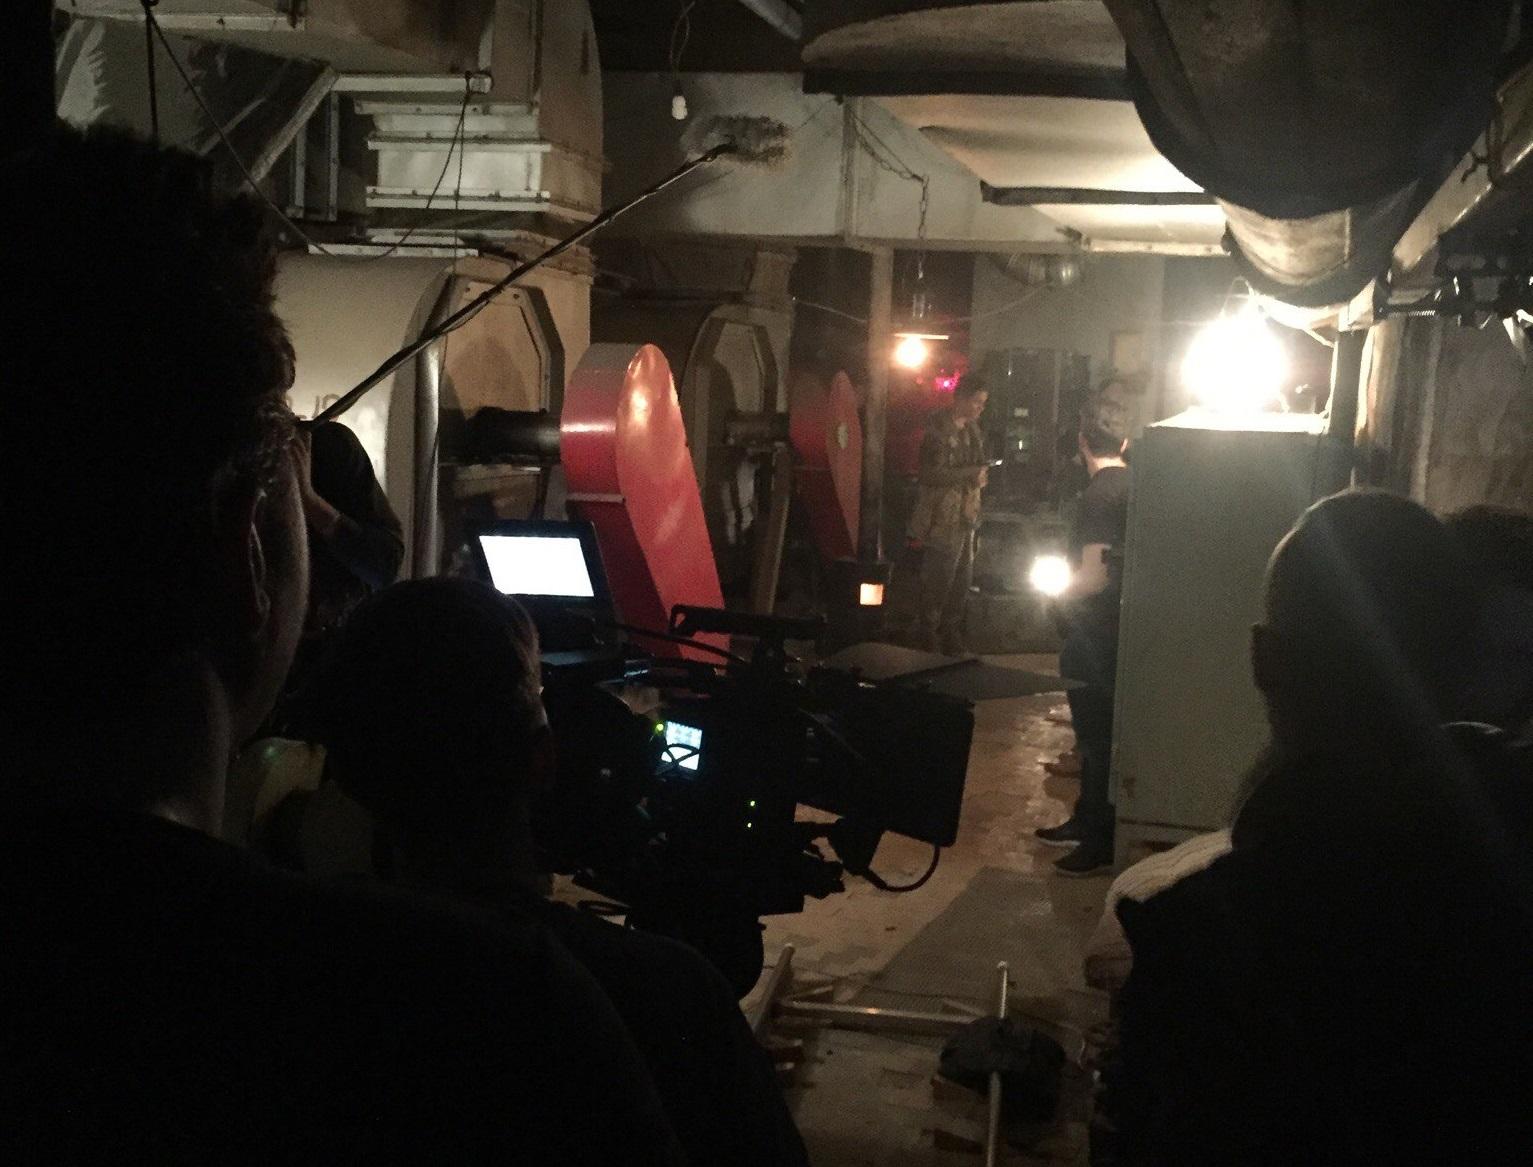 """Фильм снимали в бункере Пантыкина. В 2016 году мы ходили туда на экскурсию и рассказывали, <a href=""""https://www.e1.ru/news/spool/news_id-435737.html"""" target=""""_blank"""" class=""""_"""">как живётся под землёй</a>"""